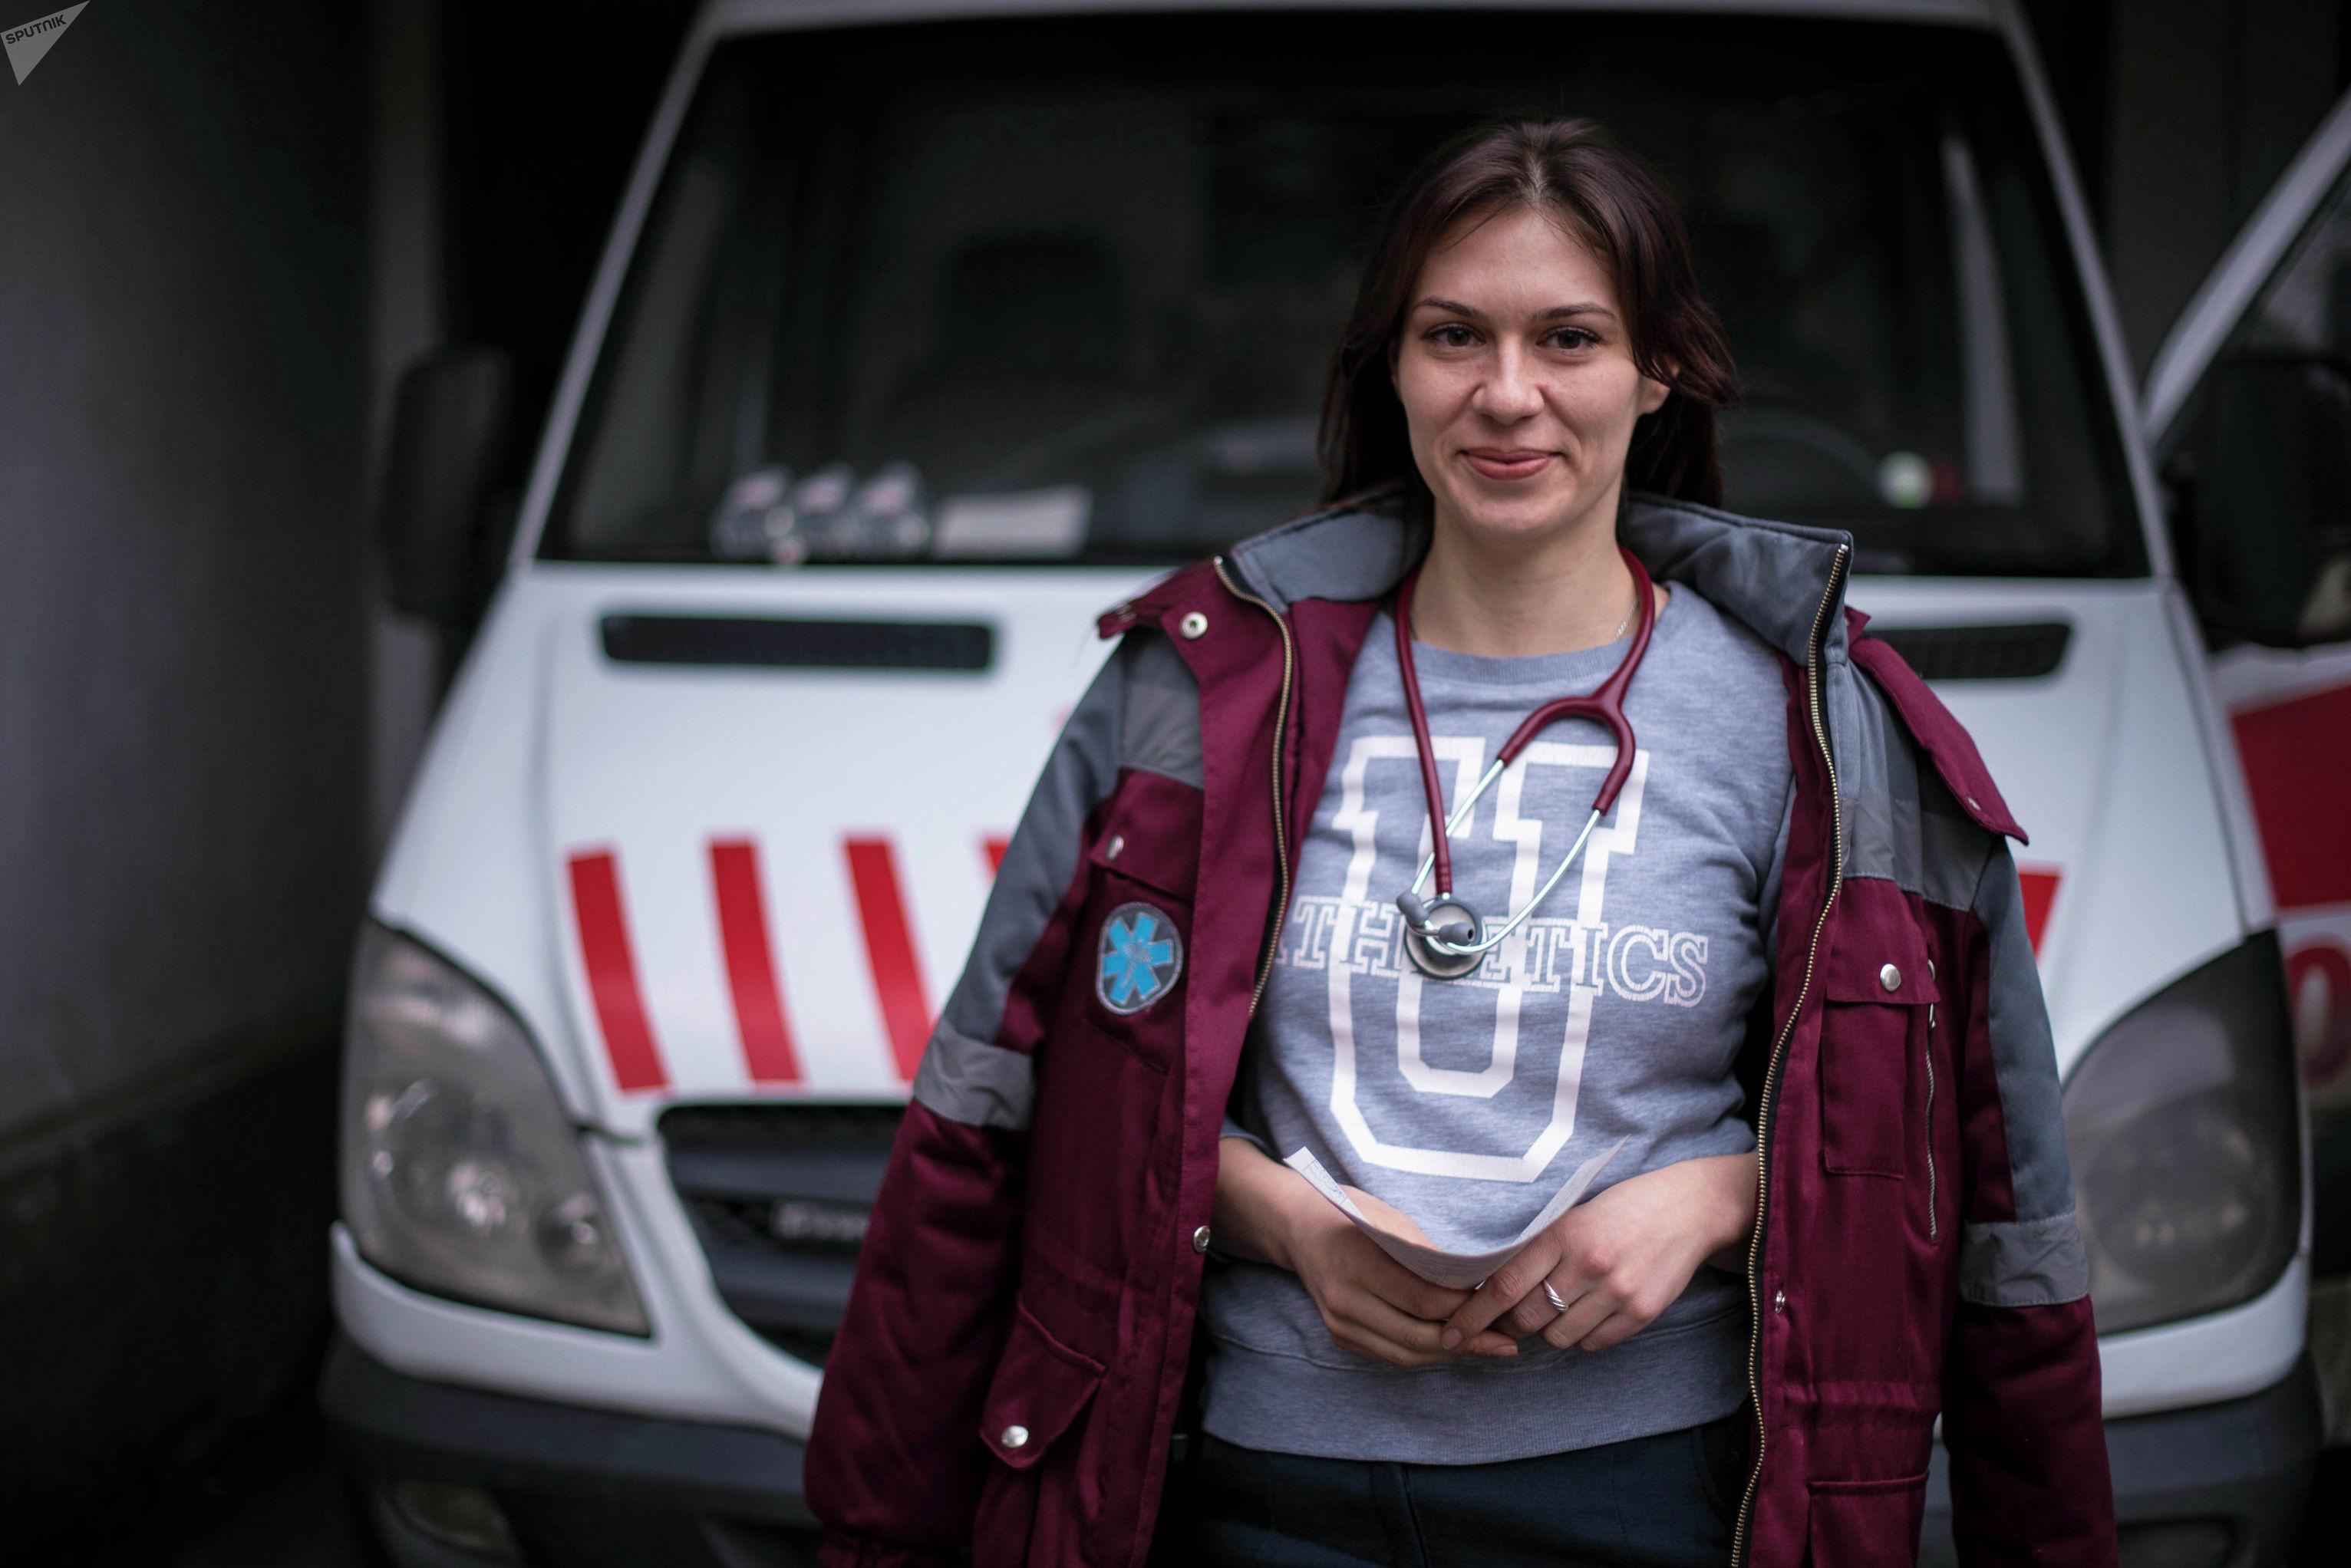 Сотрудник столичной скорой помощи Юлия Грехова